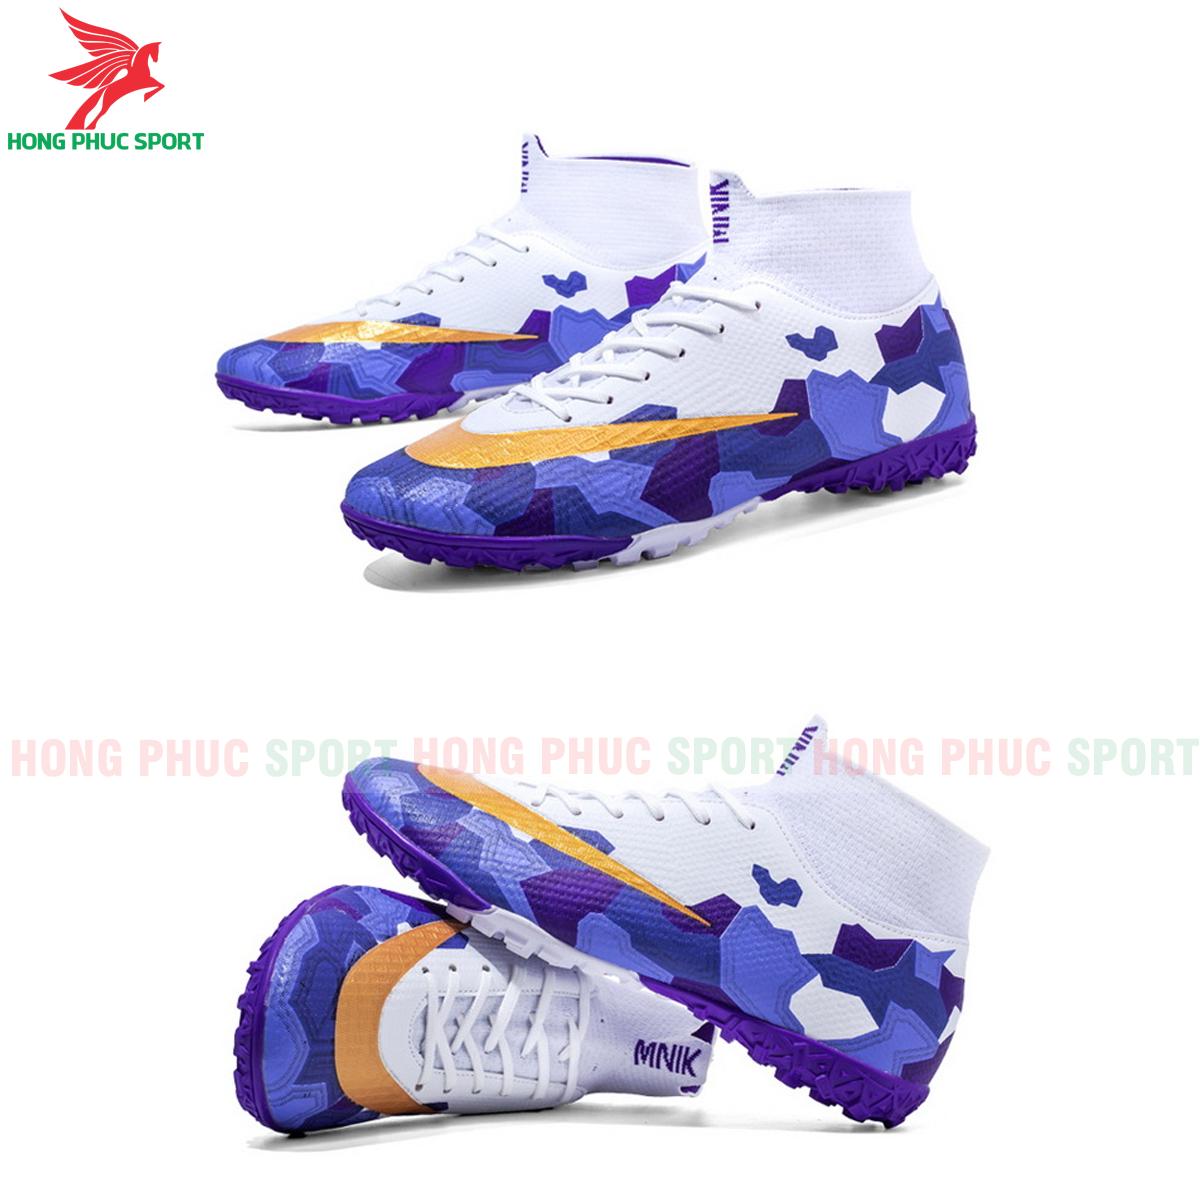 Giày đá banh Superfly VII Mbappe V2 2020 TF mẫu 3 màu xanh dương (1)